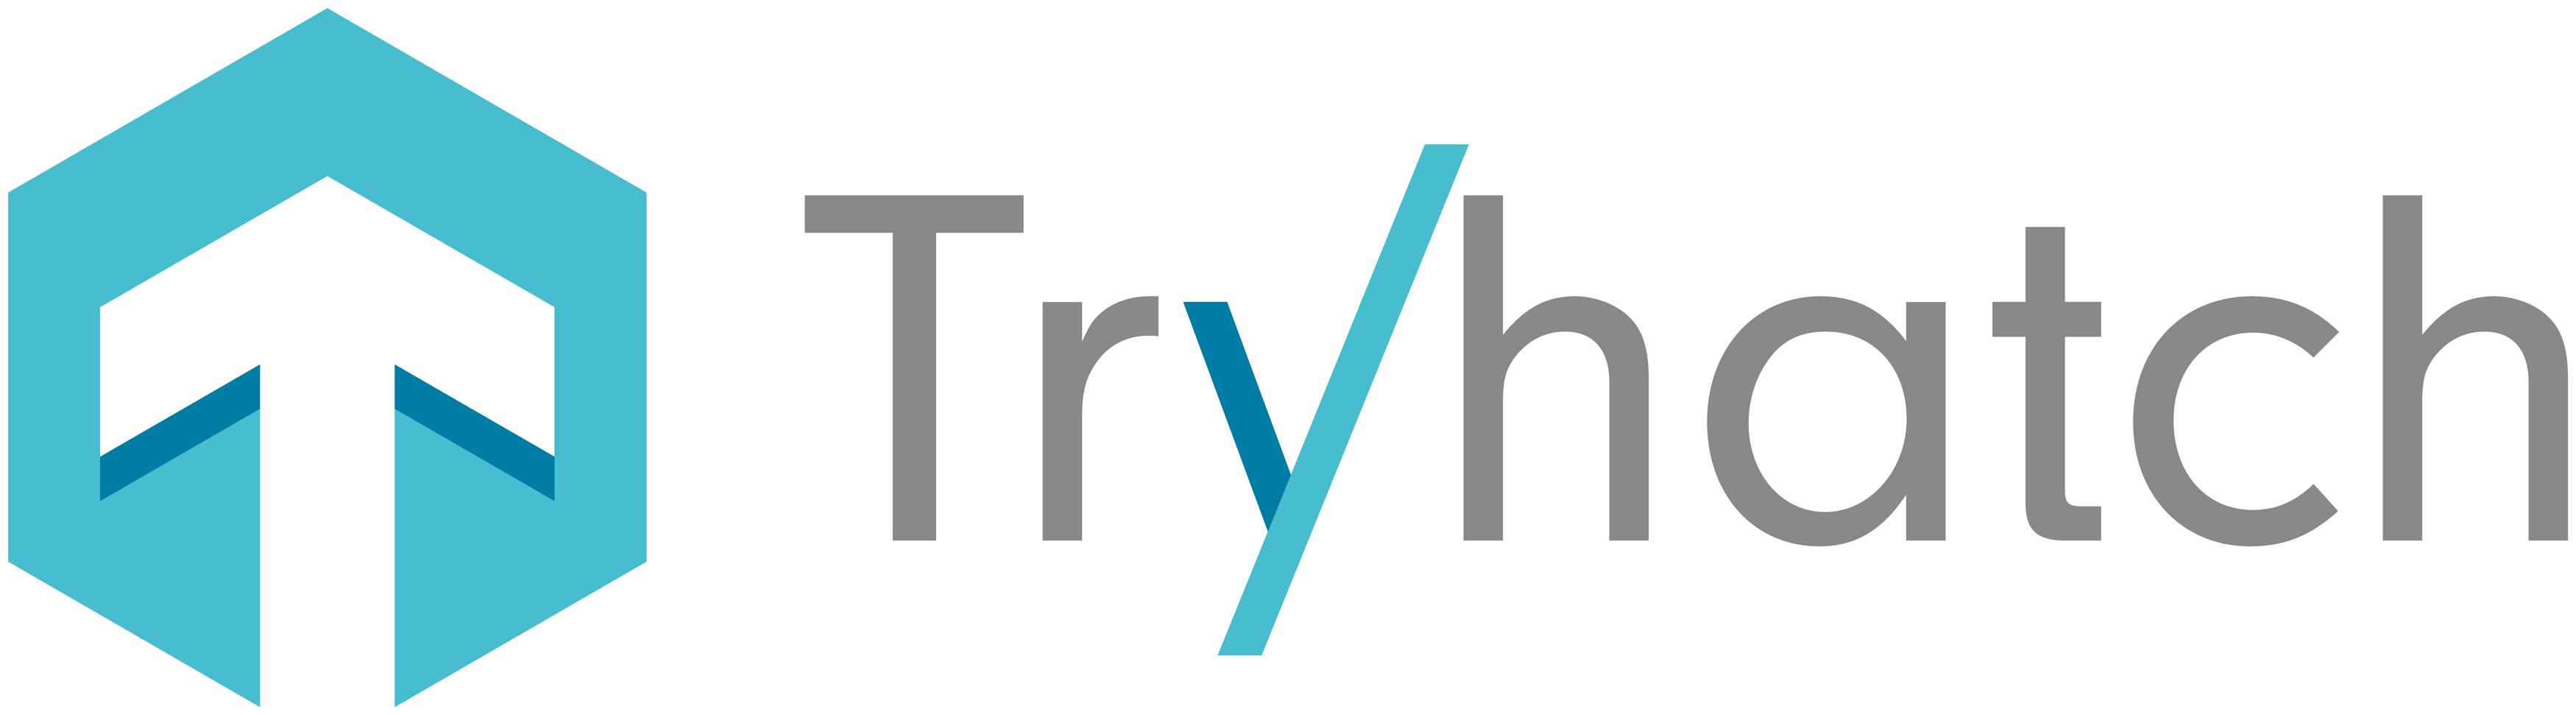 検索エンジンマーケティングの株式会社トライハッチ